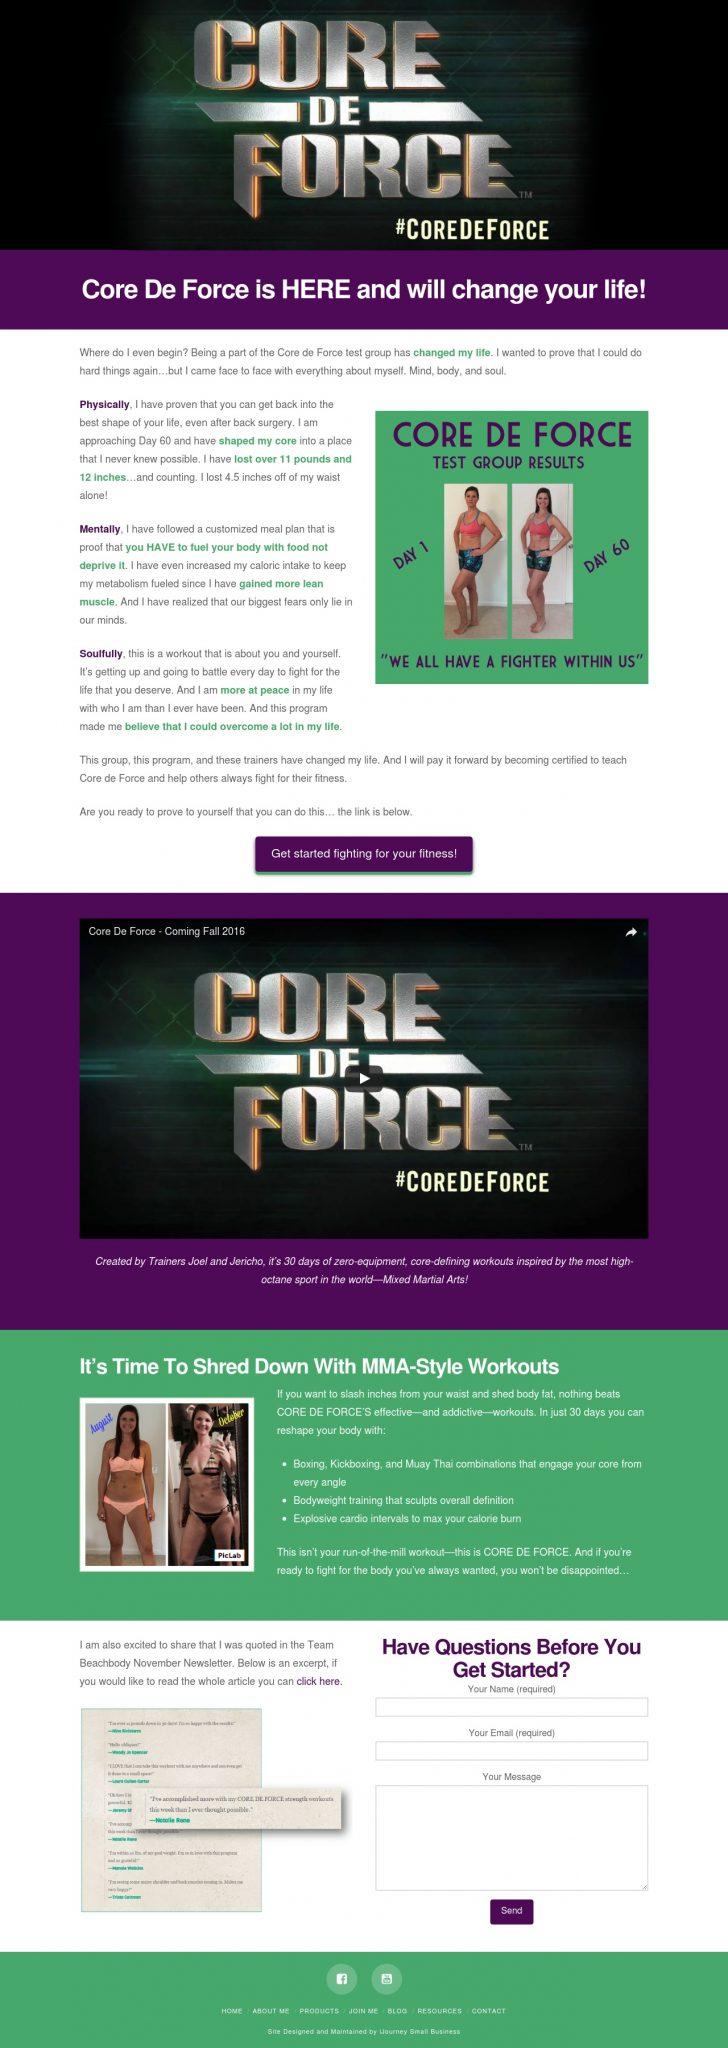 Core de Force Landing Page - Landing Page Design